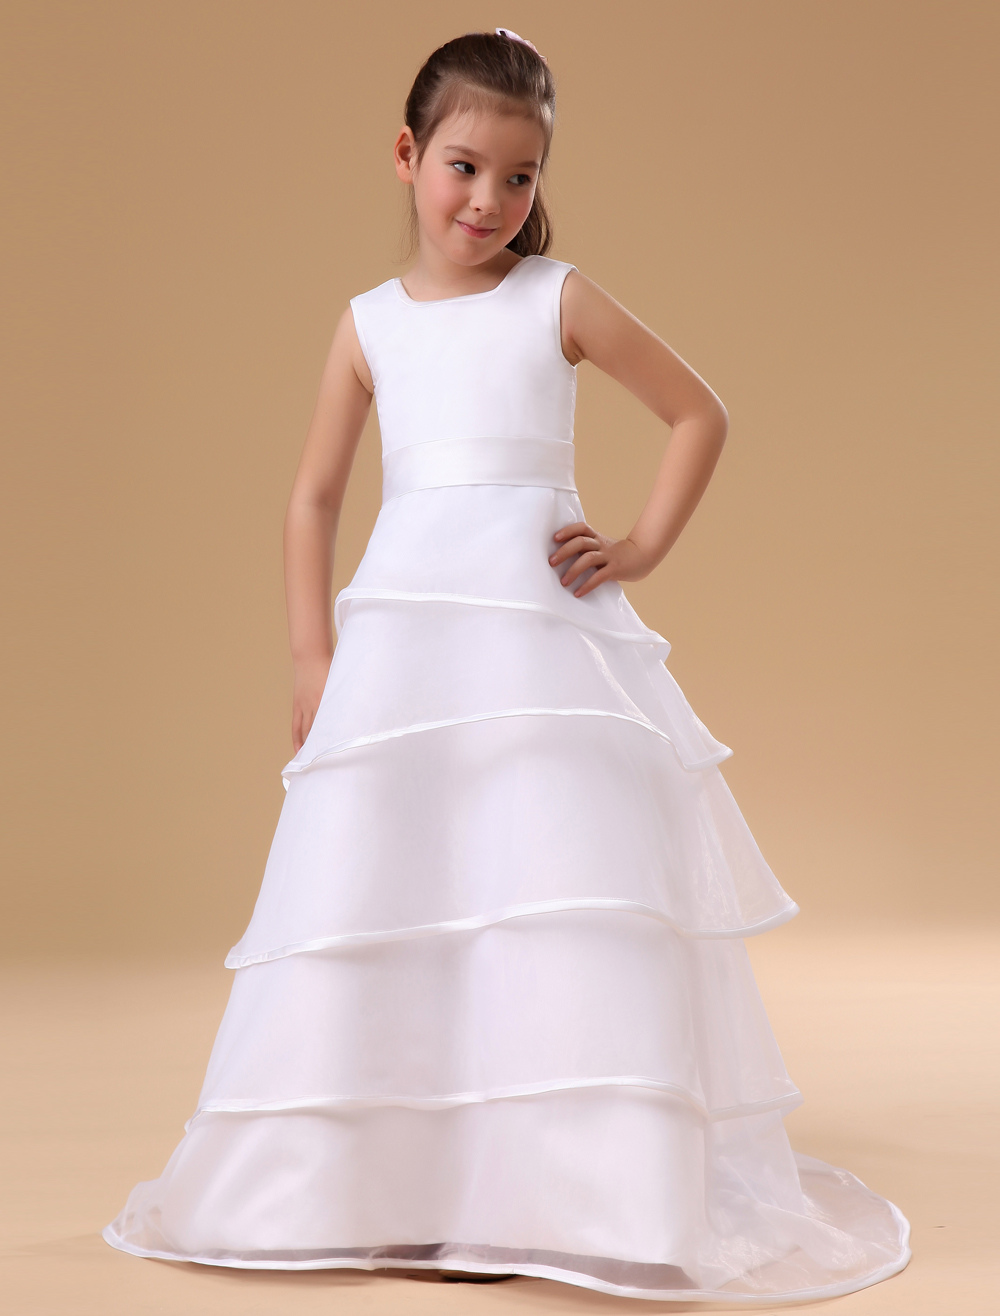 robe fille mariage milanoo - Milanoo Robe De Soiree Pour Mariage